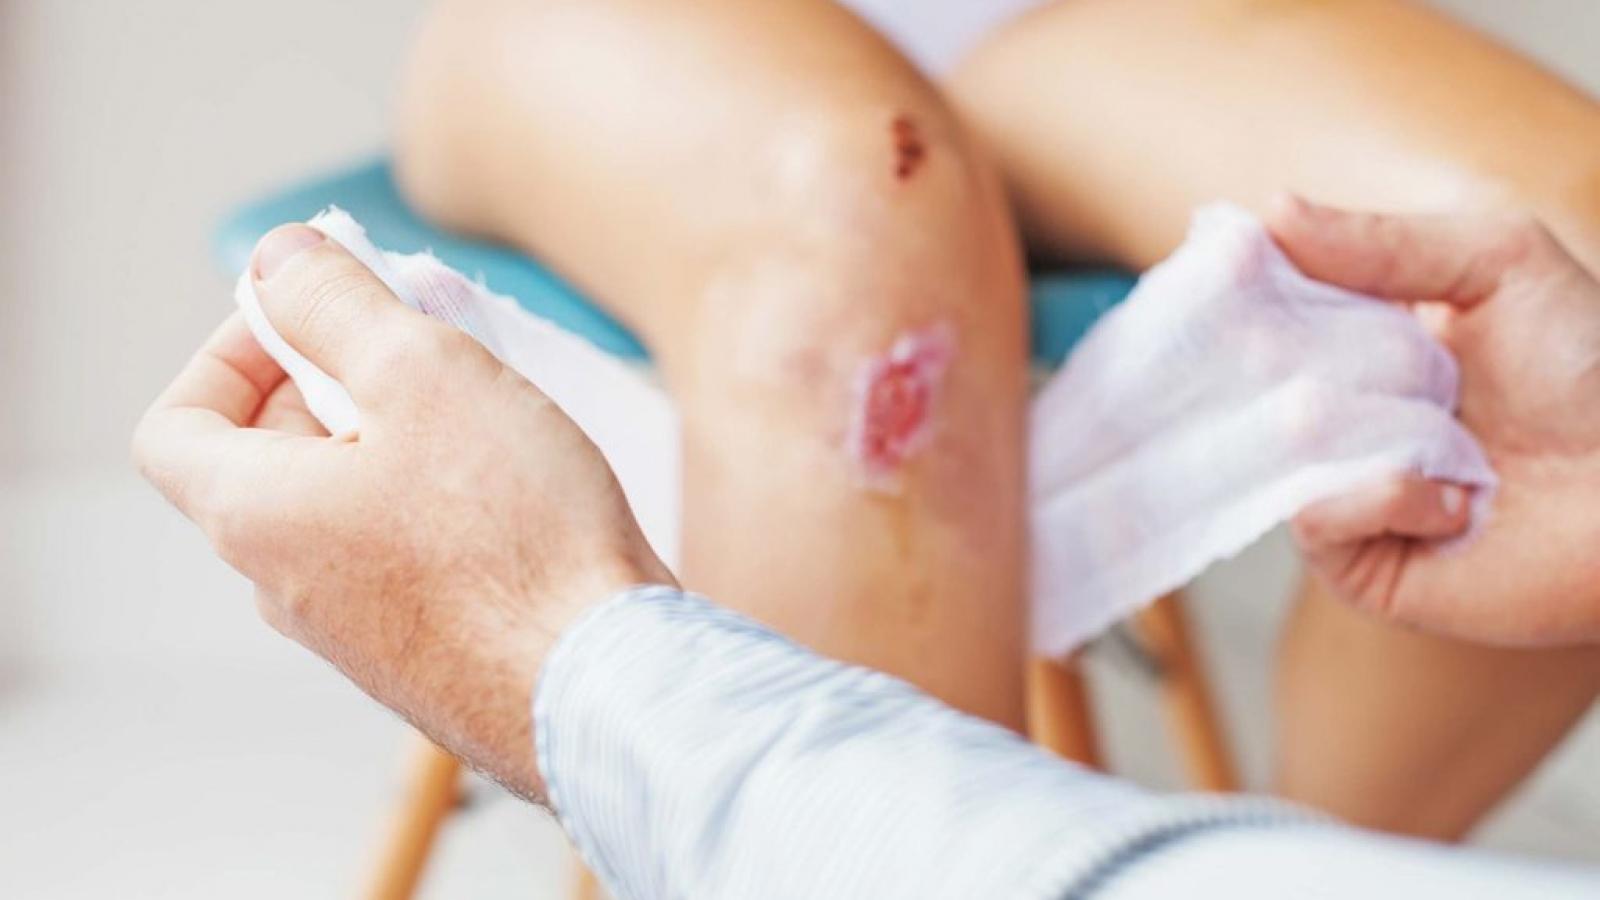 Những dấu hiệu nhiễm trùng vết thương hở mà bạn cần lưu ý